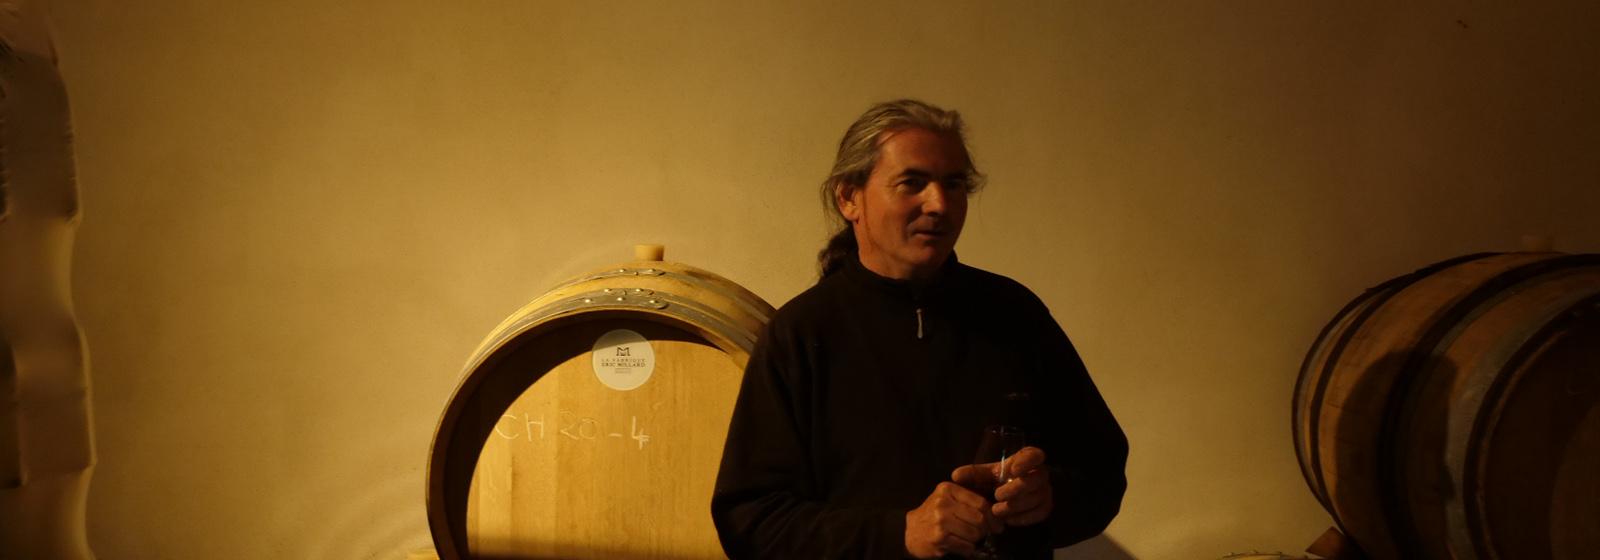 Sylvain Bock : je fais de la poésie à mon échelle